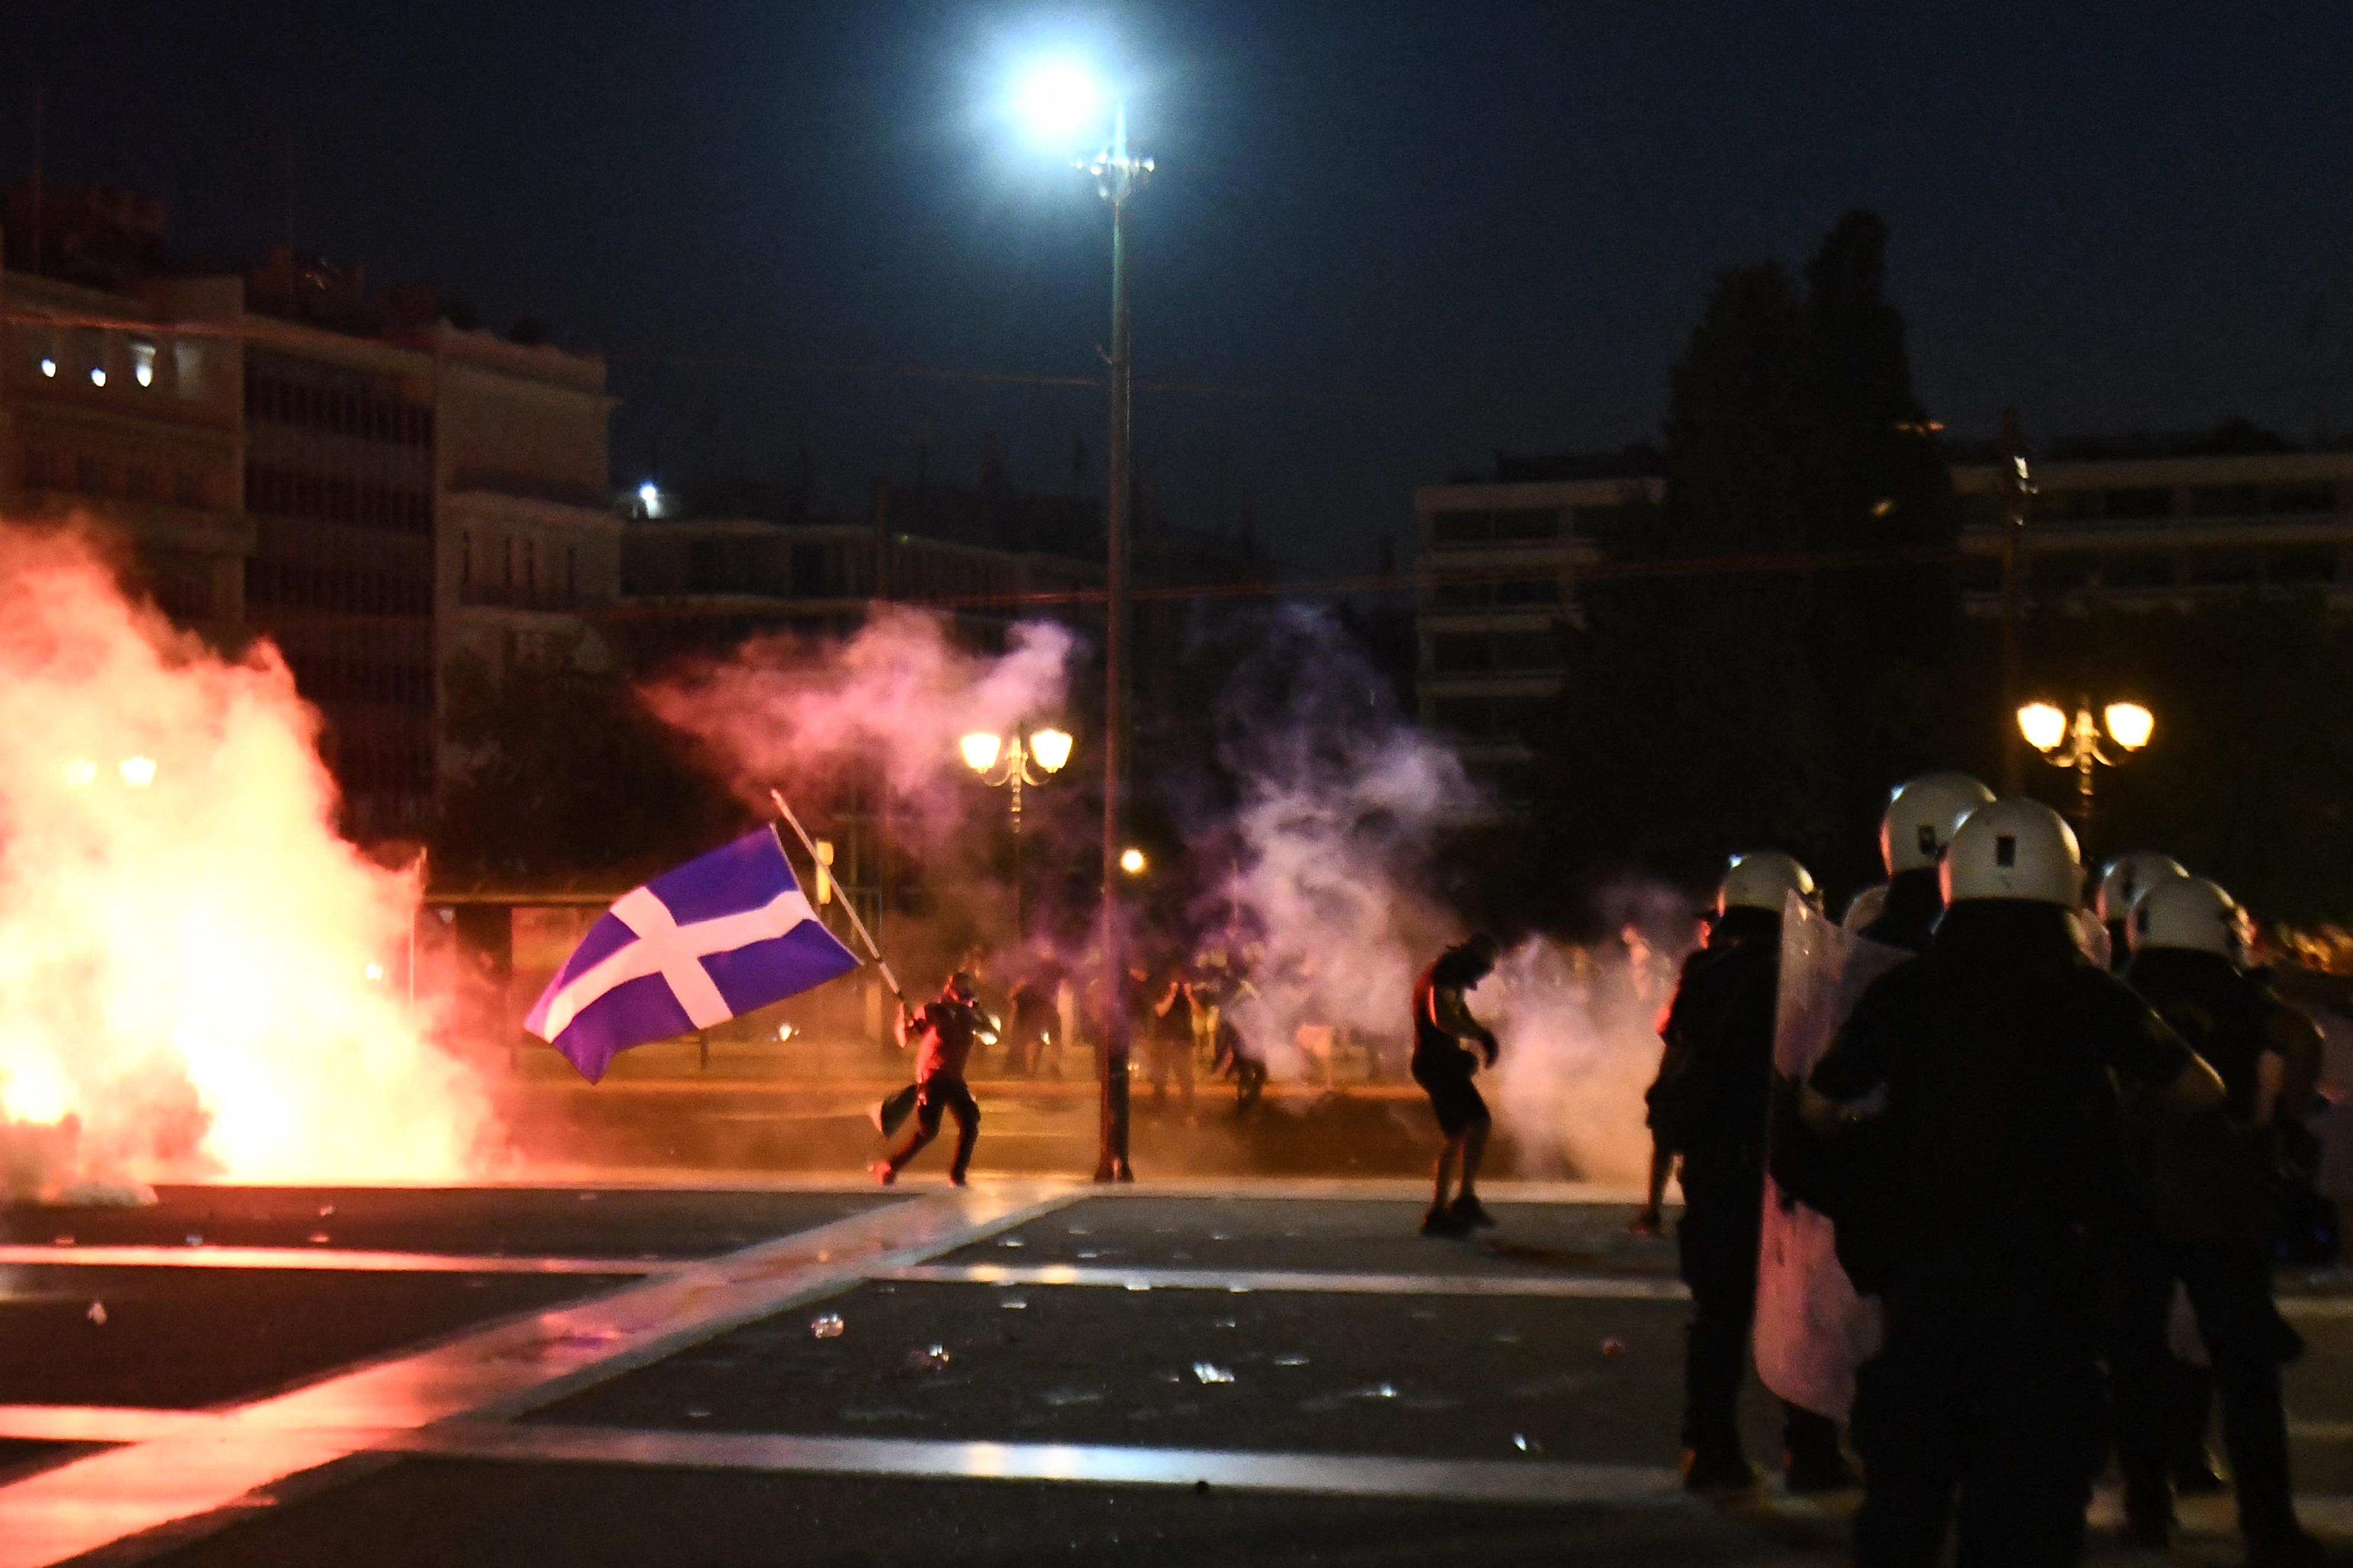 Erőszakos tüntetések kezdődtek Görögországban, miután kötelezővé tették néhány munkakörben az oltást